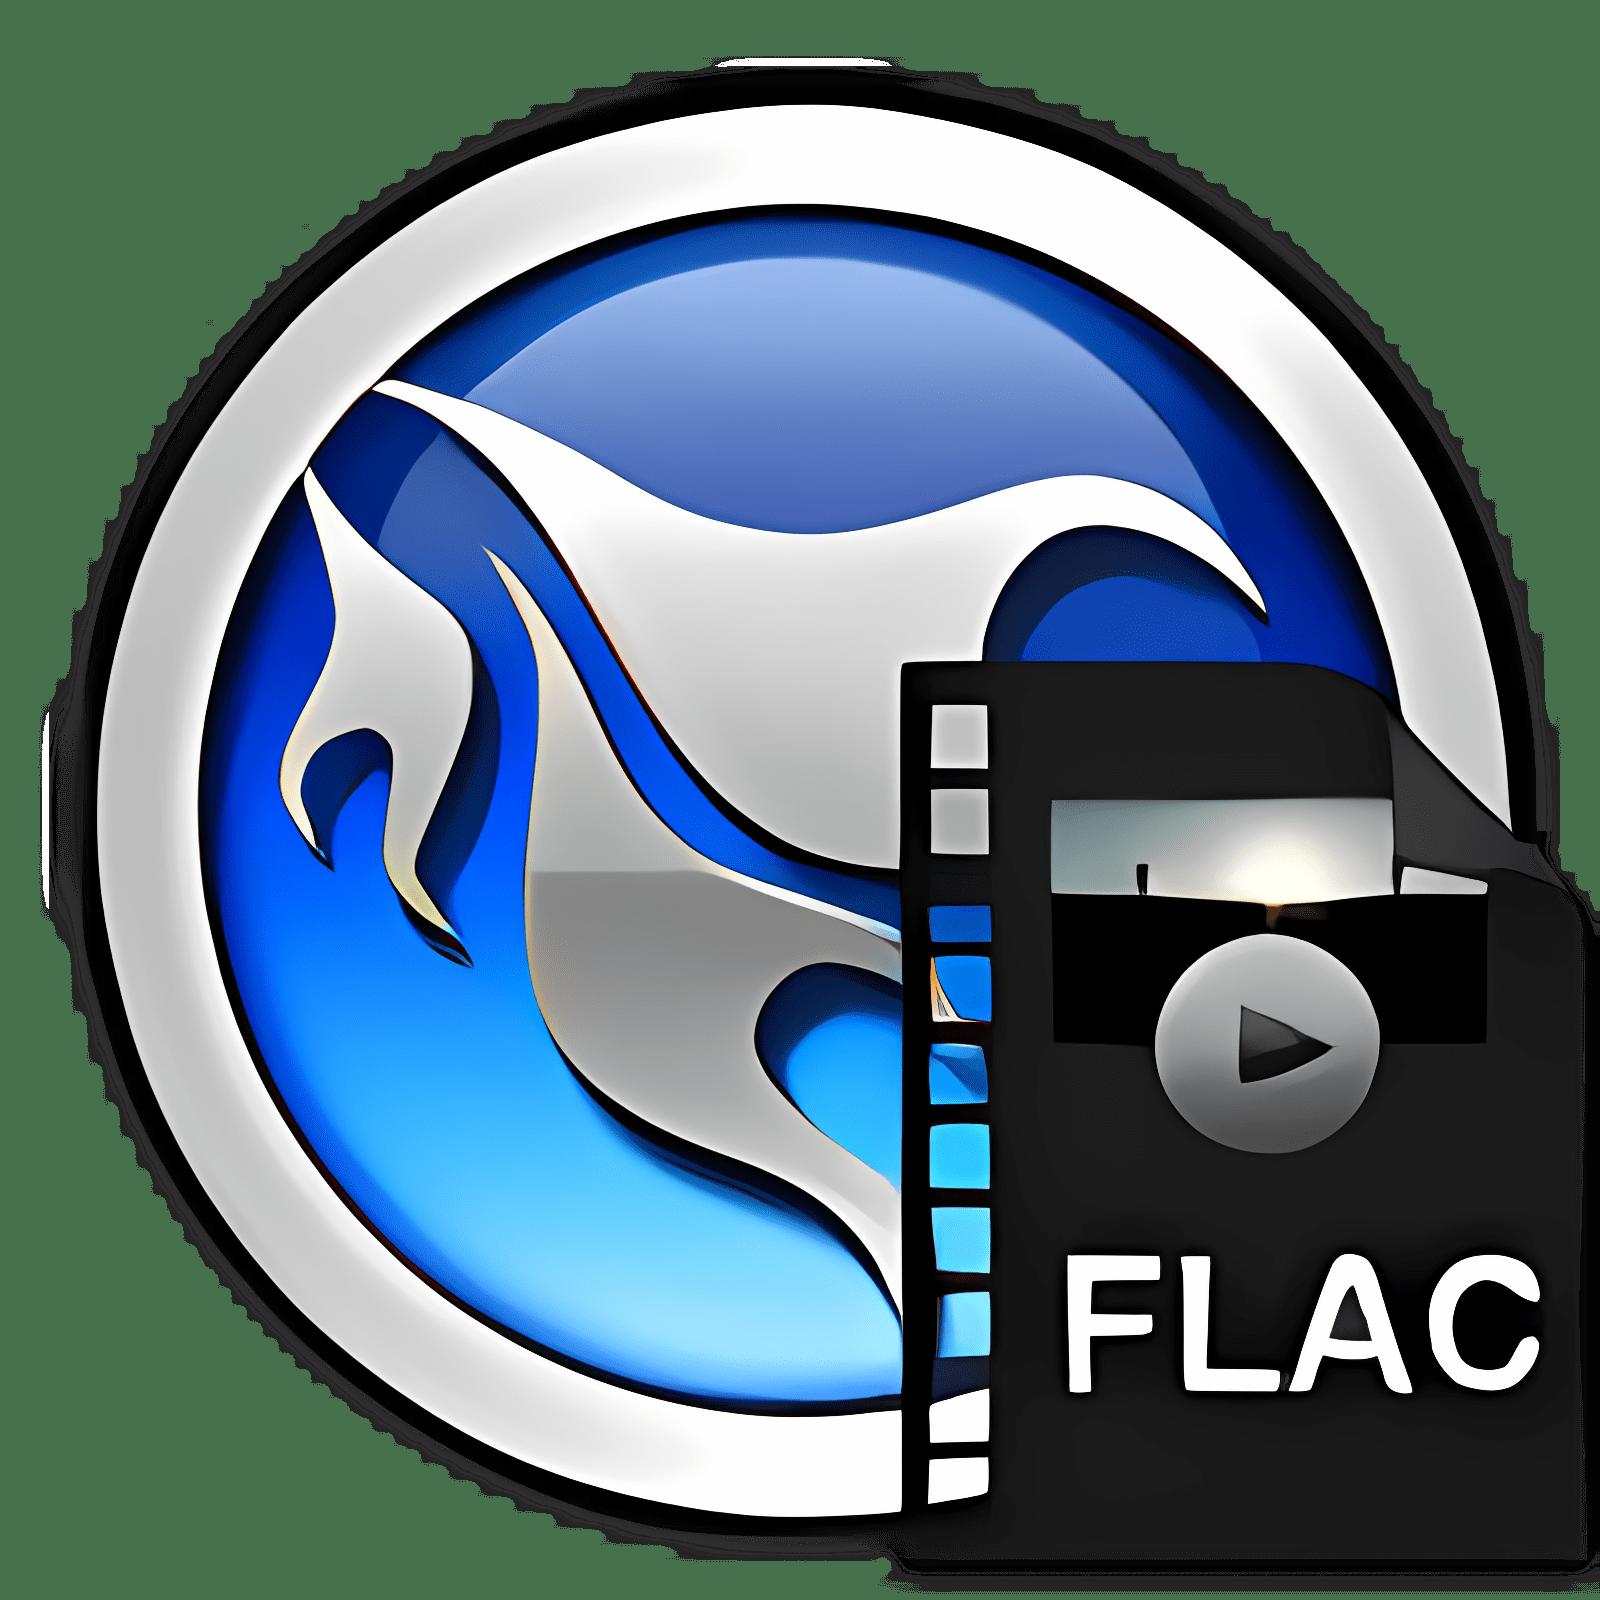 AnyMP4 FLAC Convertisseur